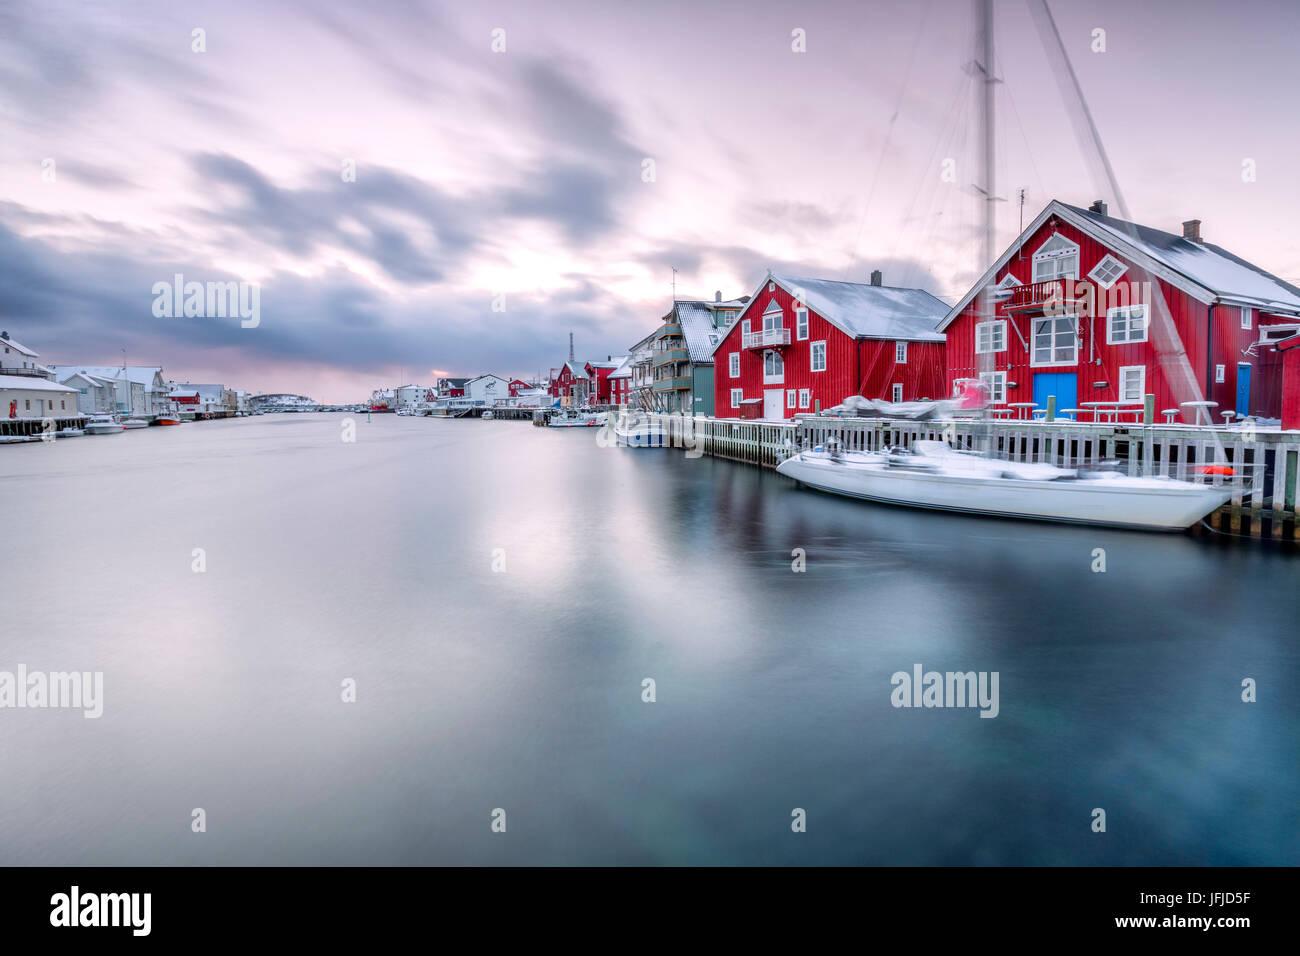 Le typique village de pêcheurs de Henningsvær rouge avec ses maisons appelées îles Lofoten rorbu Photo Stock